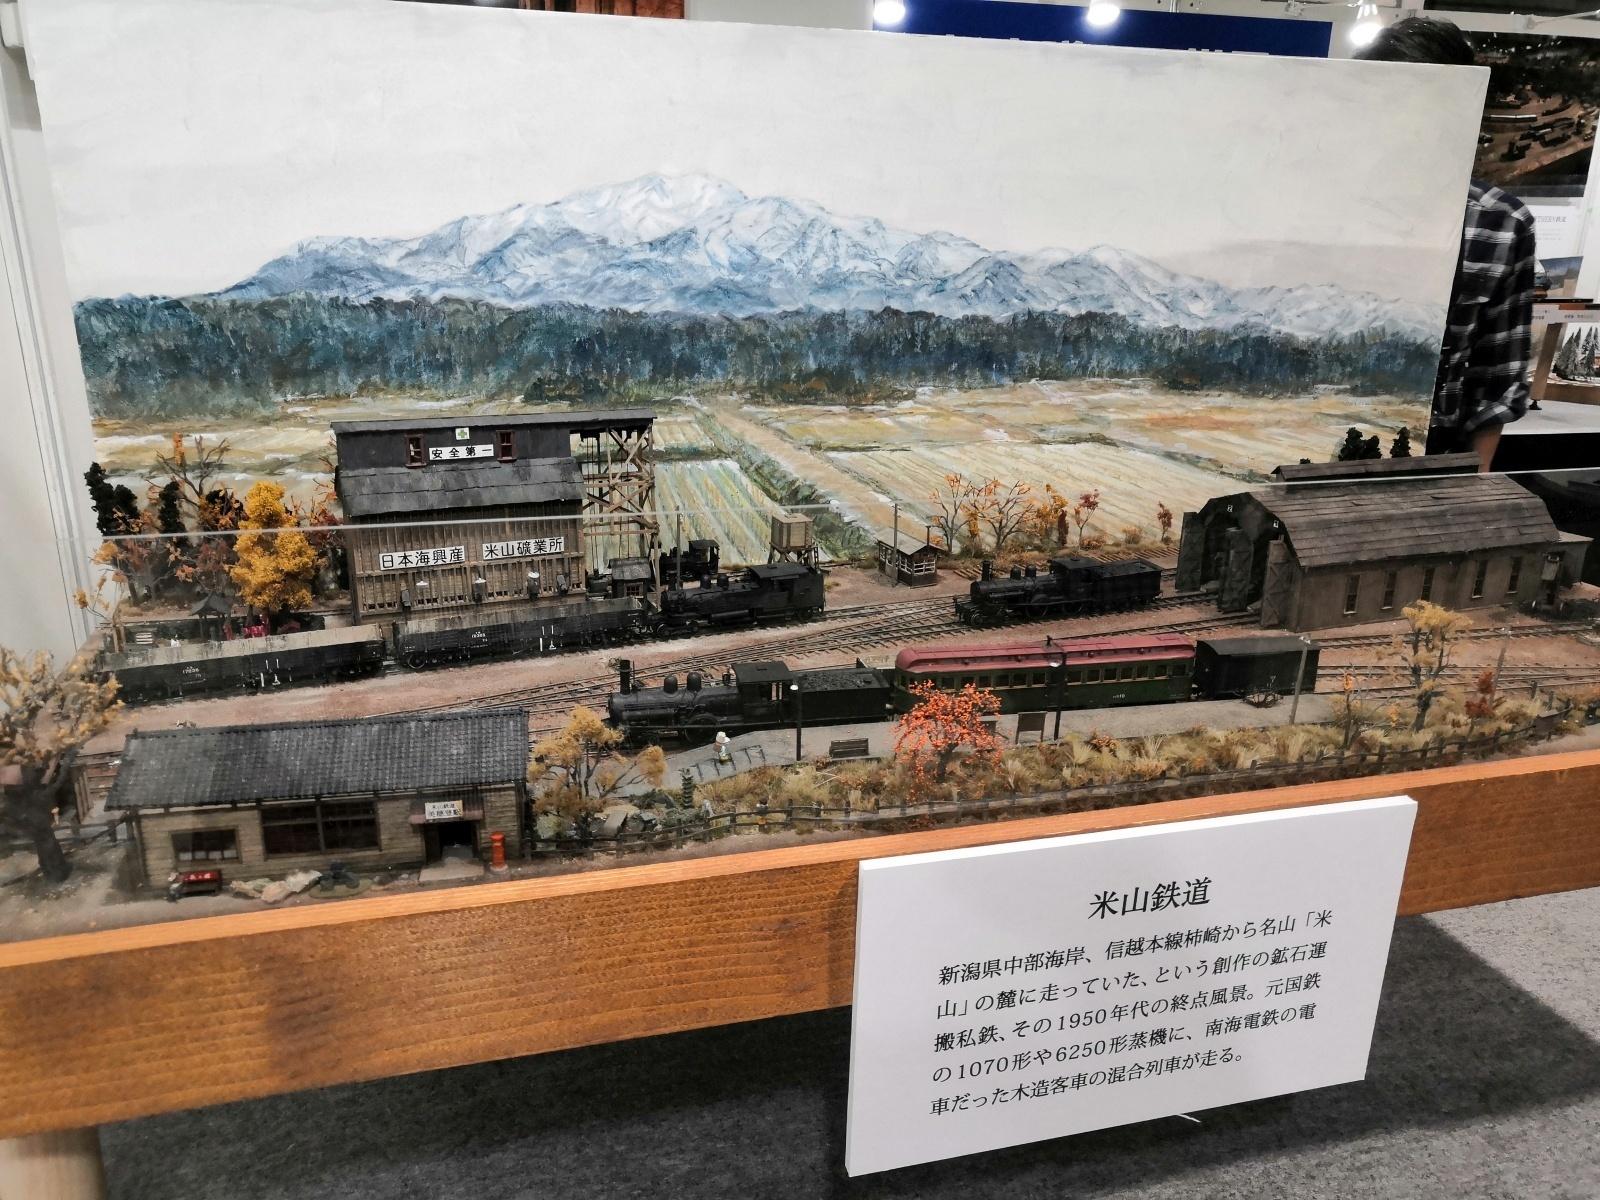 国際 鉄道 模型 コンベンション 2019